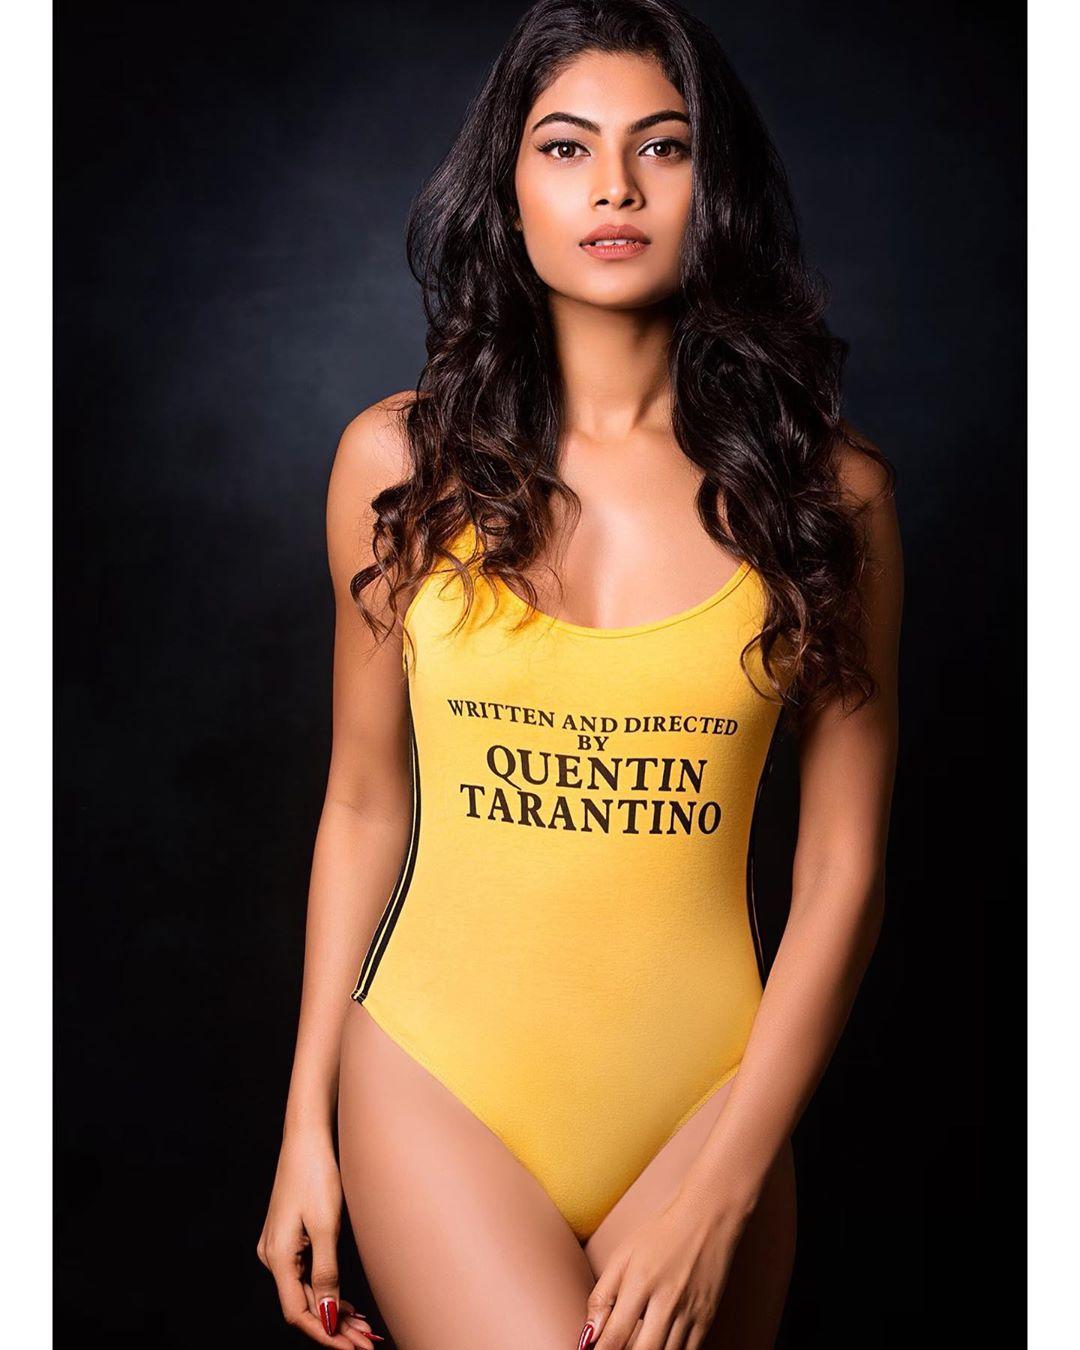 Bollywood Actress Model Lopamudra Raut Hot Photos